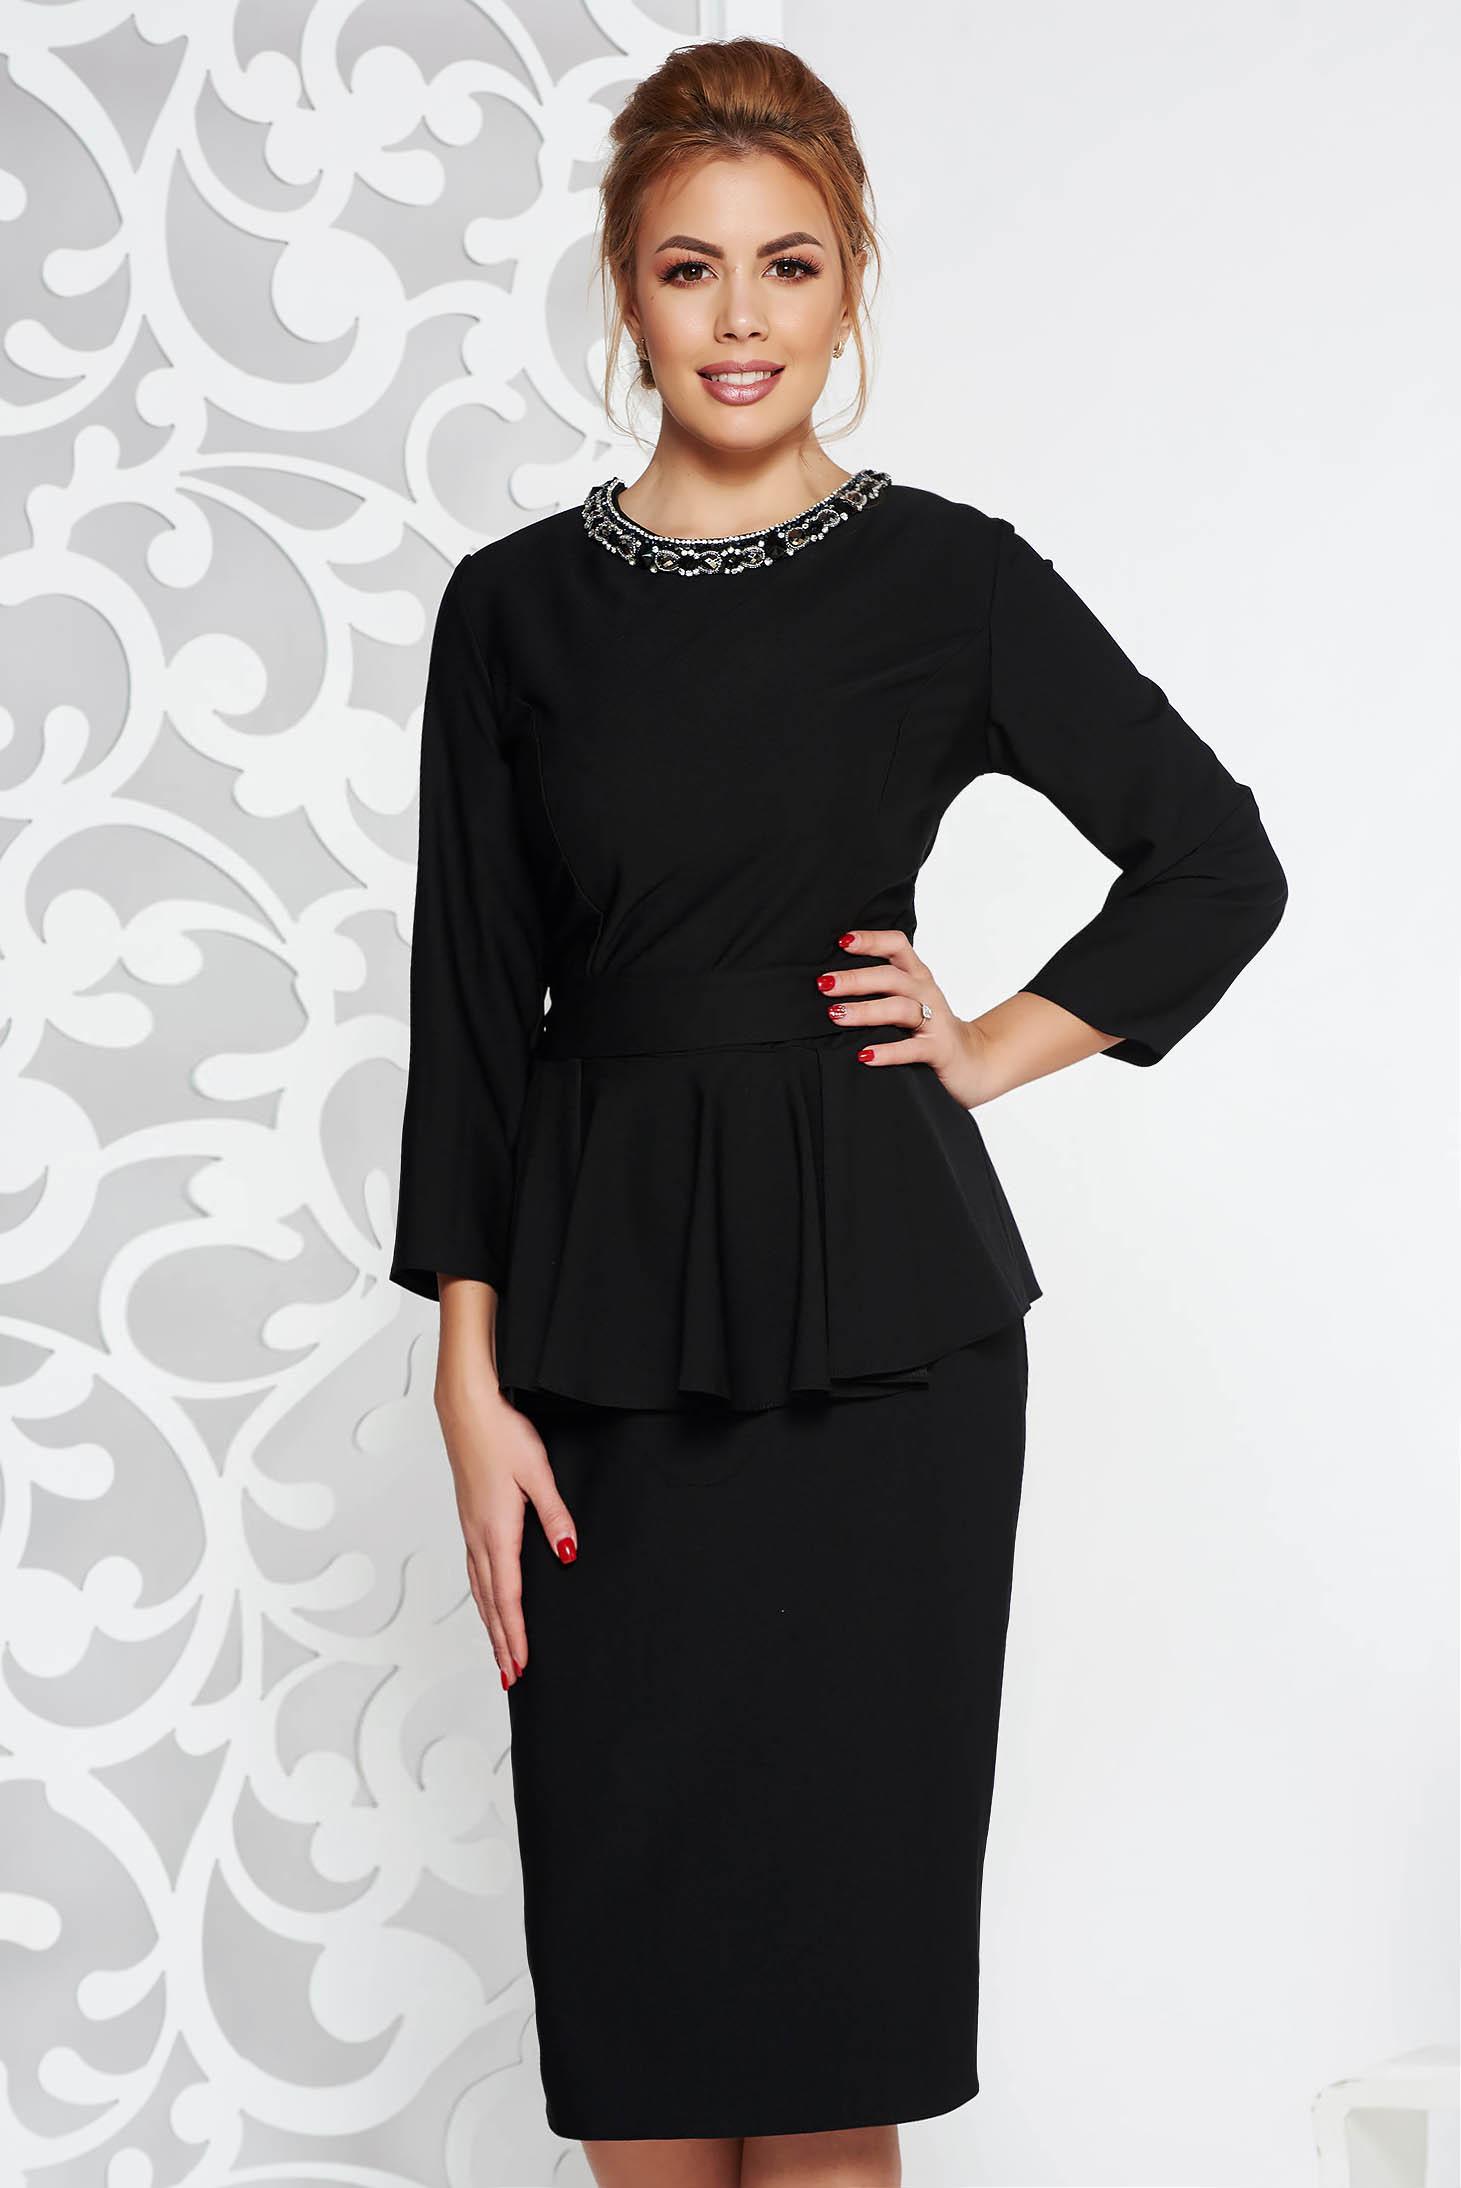 Rochie neagra eleganta midi din stofa usor elastica cu peplum cu aplicatii cu pietre strass accesorizata cu cordon